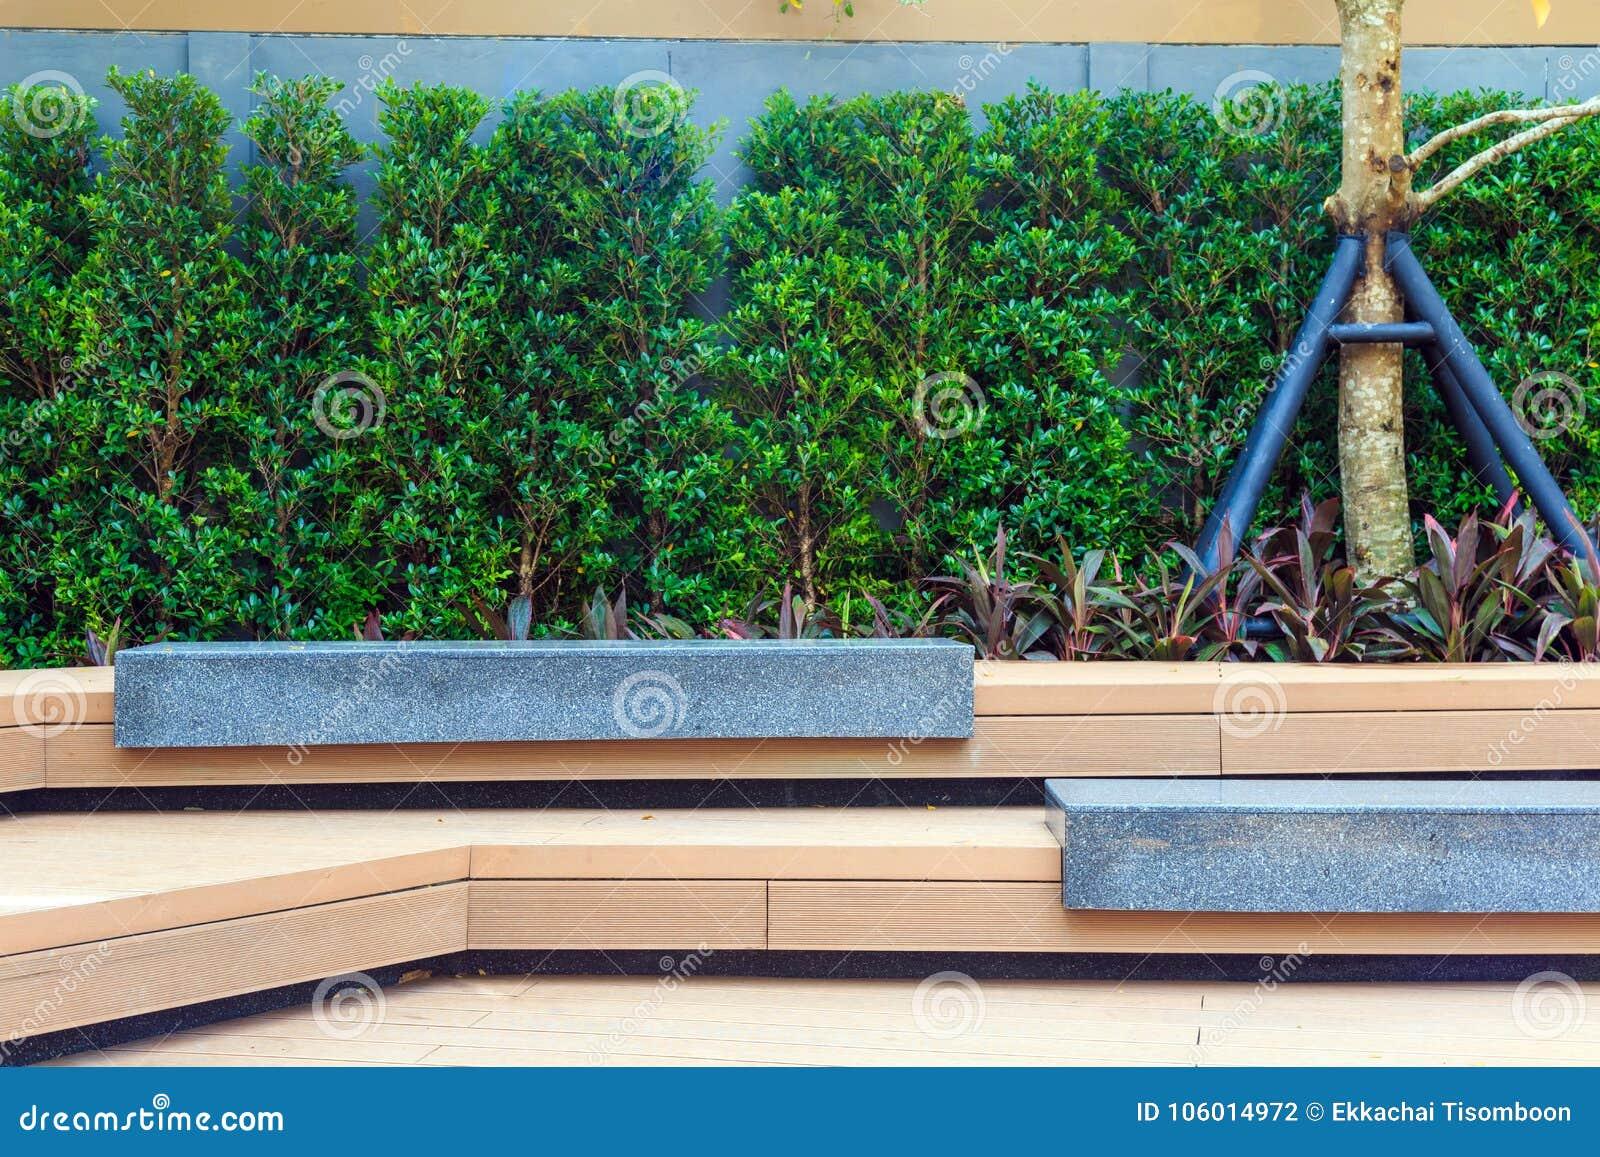 un banc en pierre moderne sous l'arbre dans le jardin photo stock